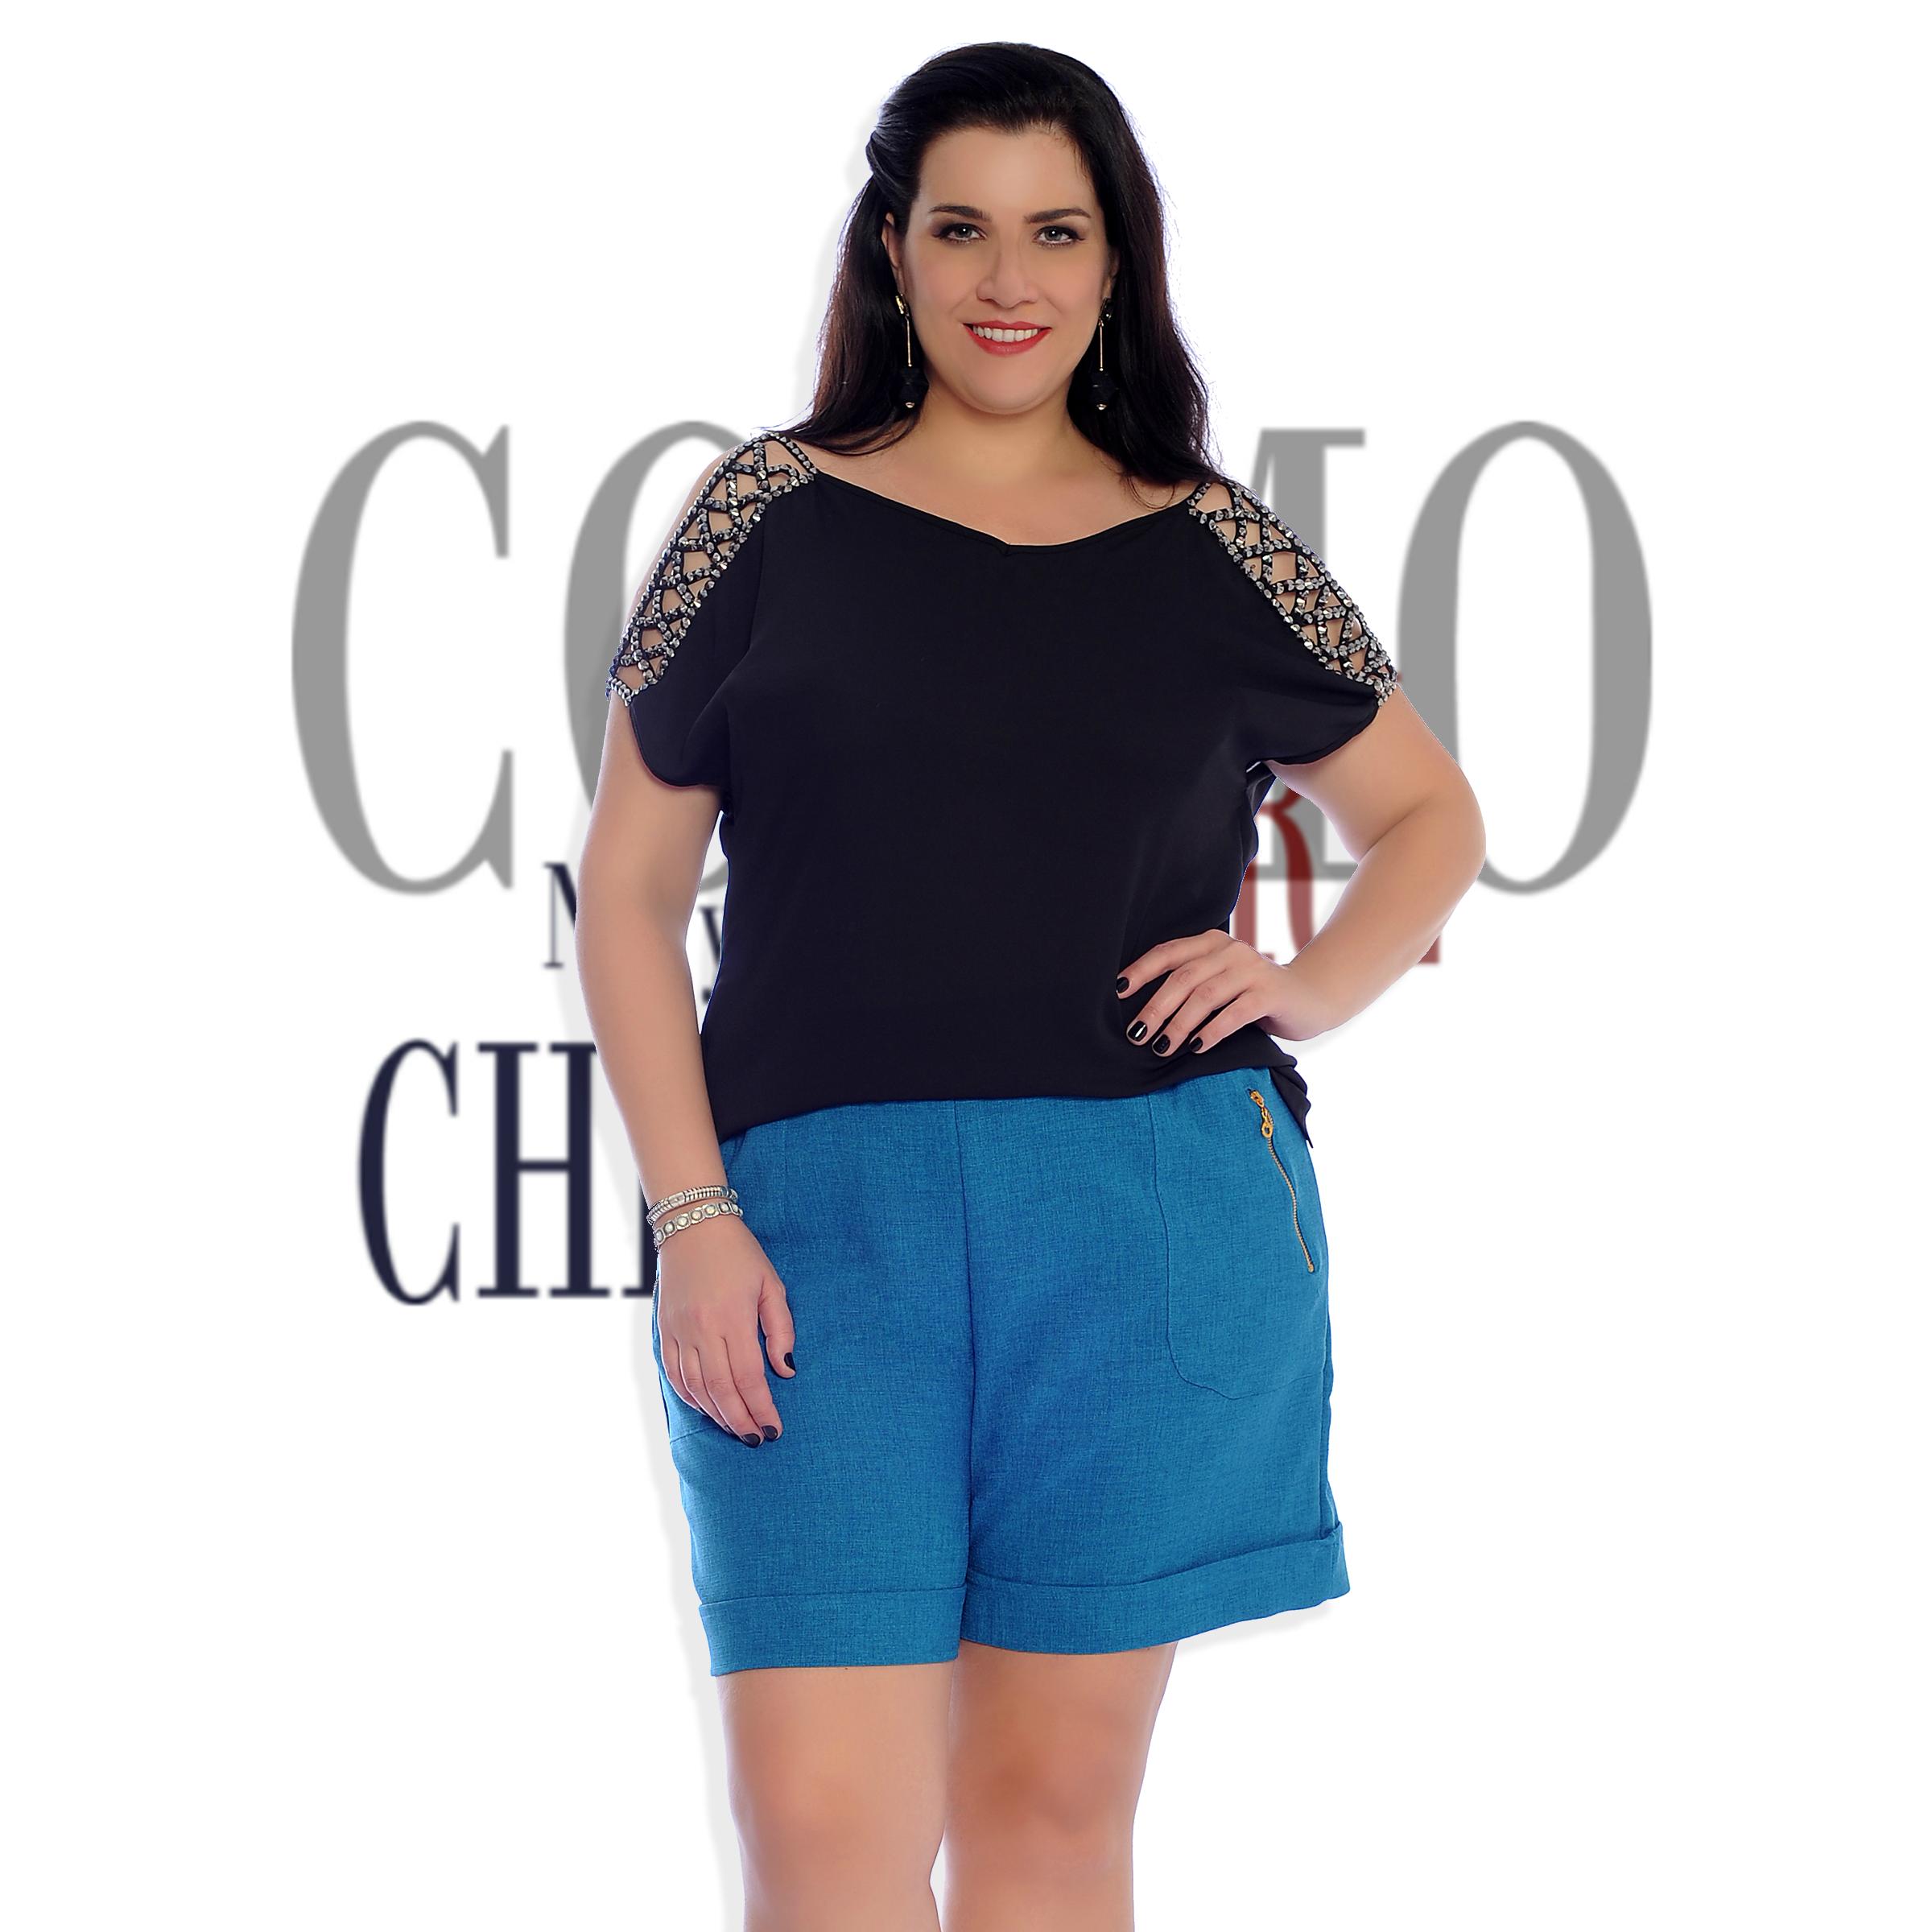 14052a20c Cod 10267 - Blusa em viscose com mangas customizadas em bordados de  caimento soltinho, super feminino e moderno. Confiram online  www.fammix.com.br #fammix ...